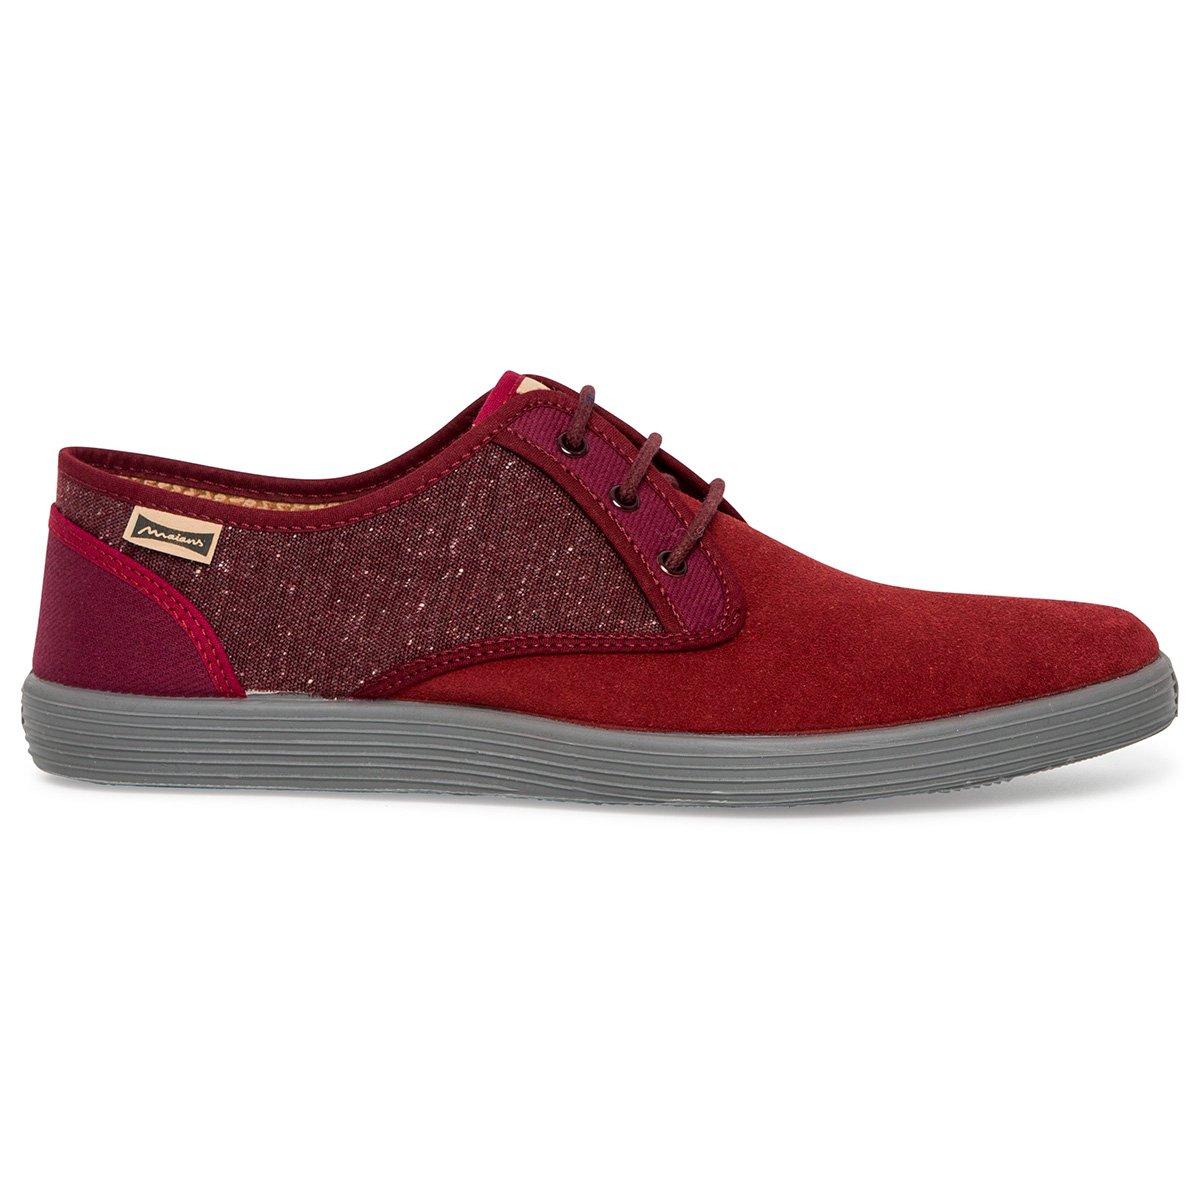 Maians Zapato de Cordones para Hombre. Combinacion Ante y Cotton. Artesanal Made in Spain